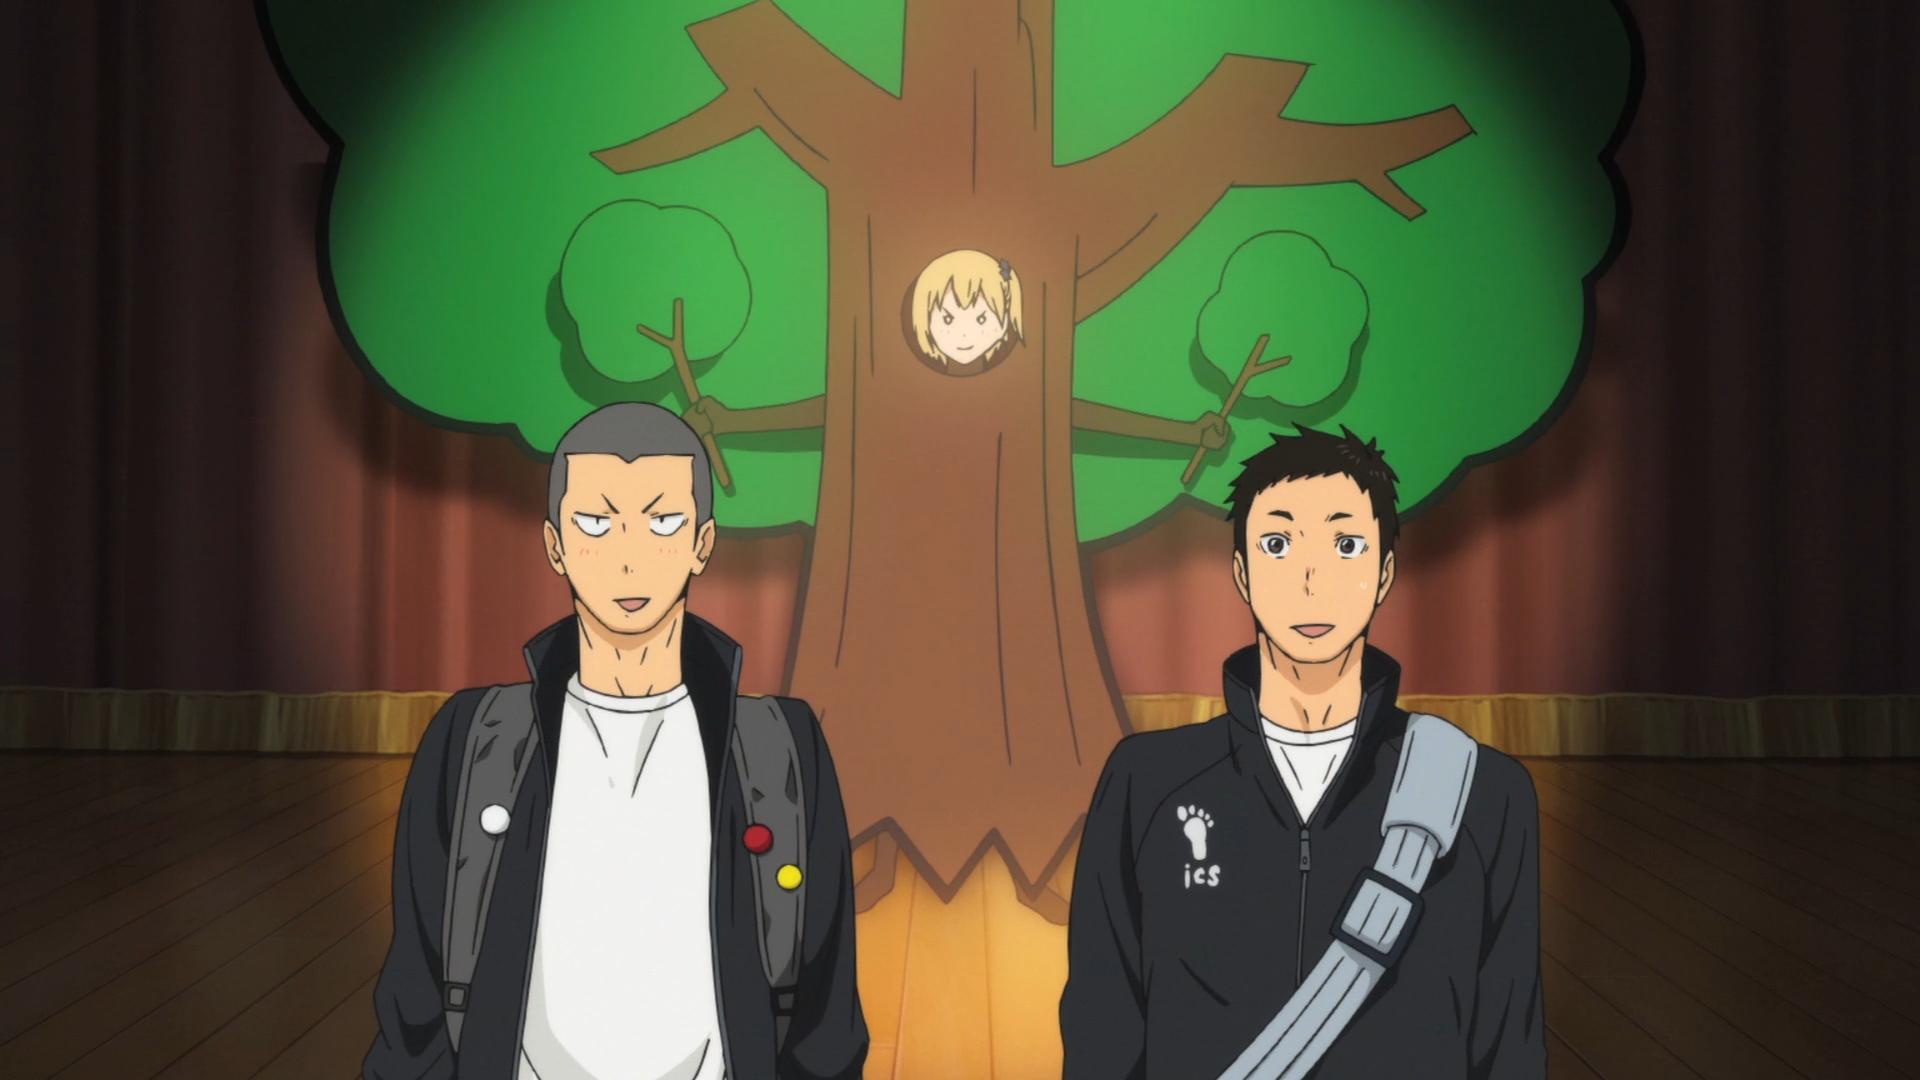 ¡¡Tanaka y Sawamura imaginan a Hitoka Yachi interpretando el papel de un árbol en Haikyu !!